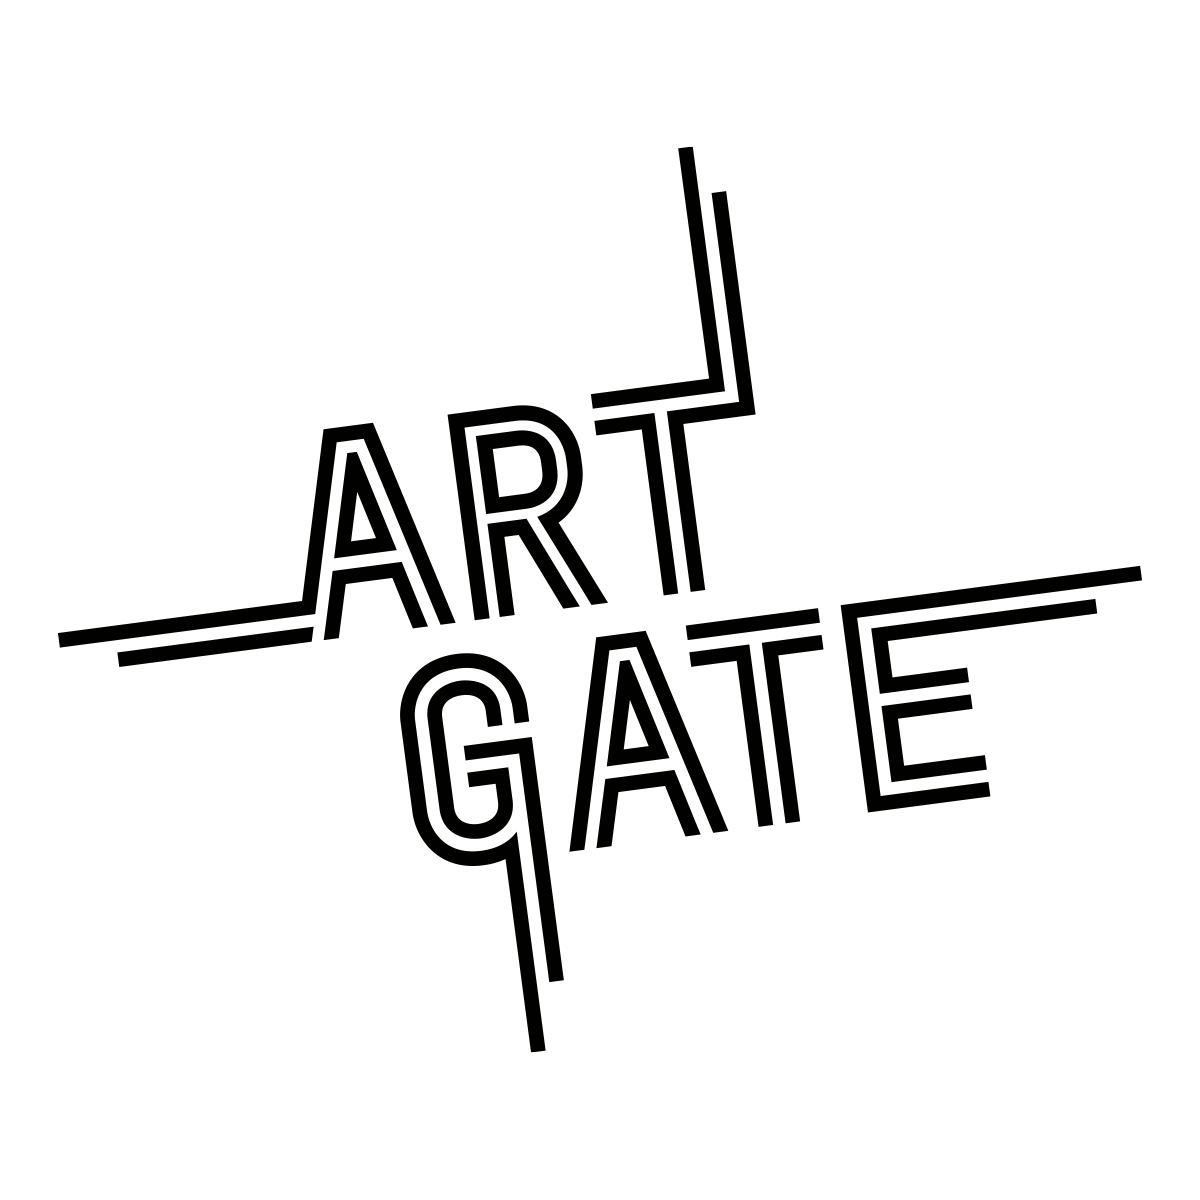 Artgate_logo_schwarz.png